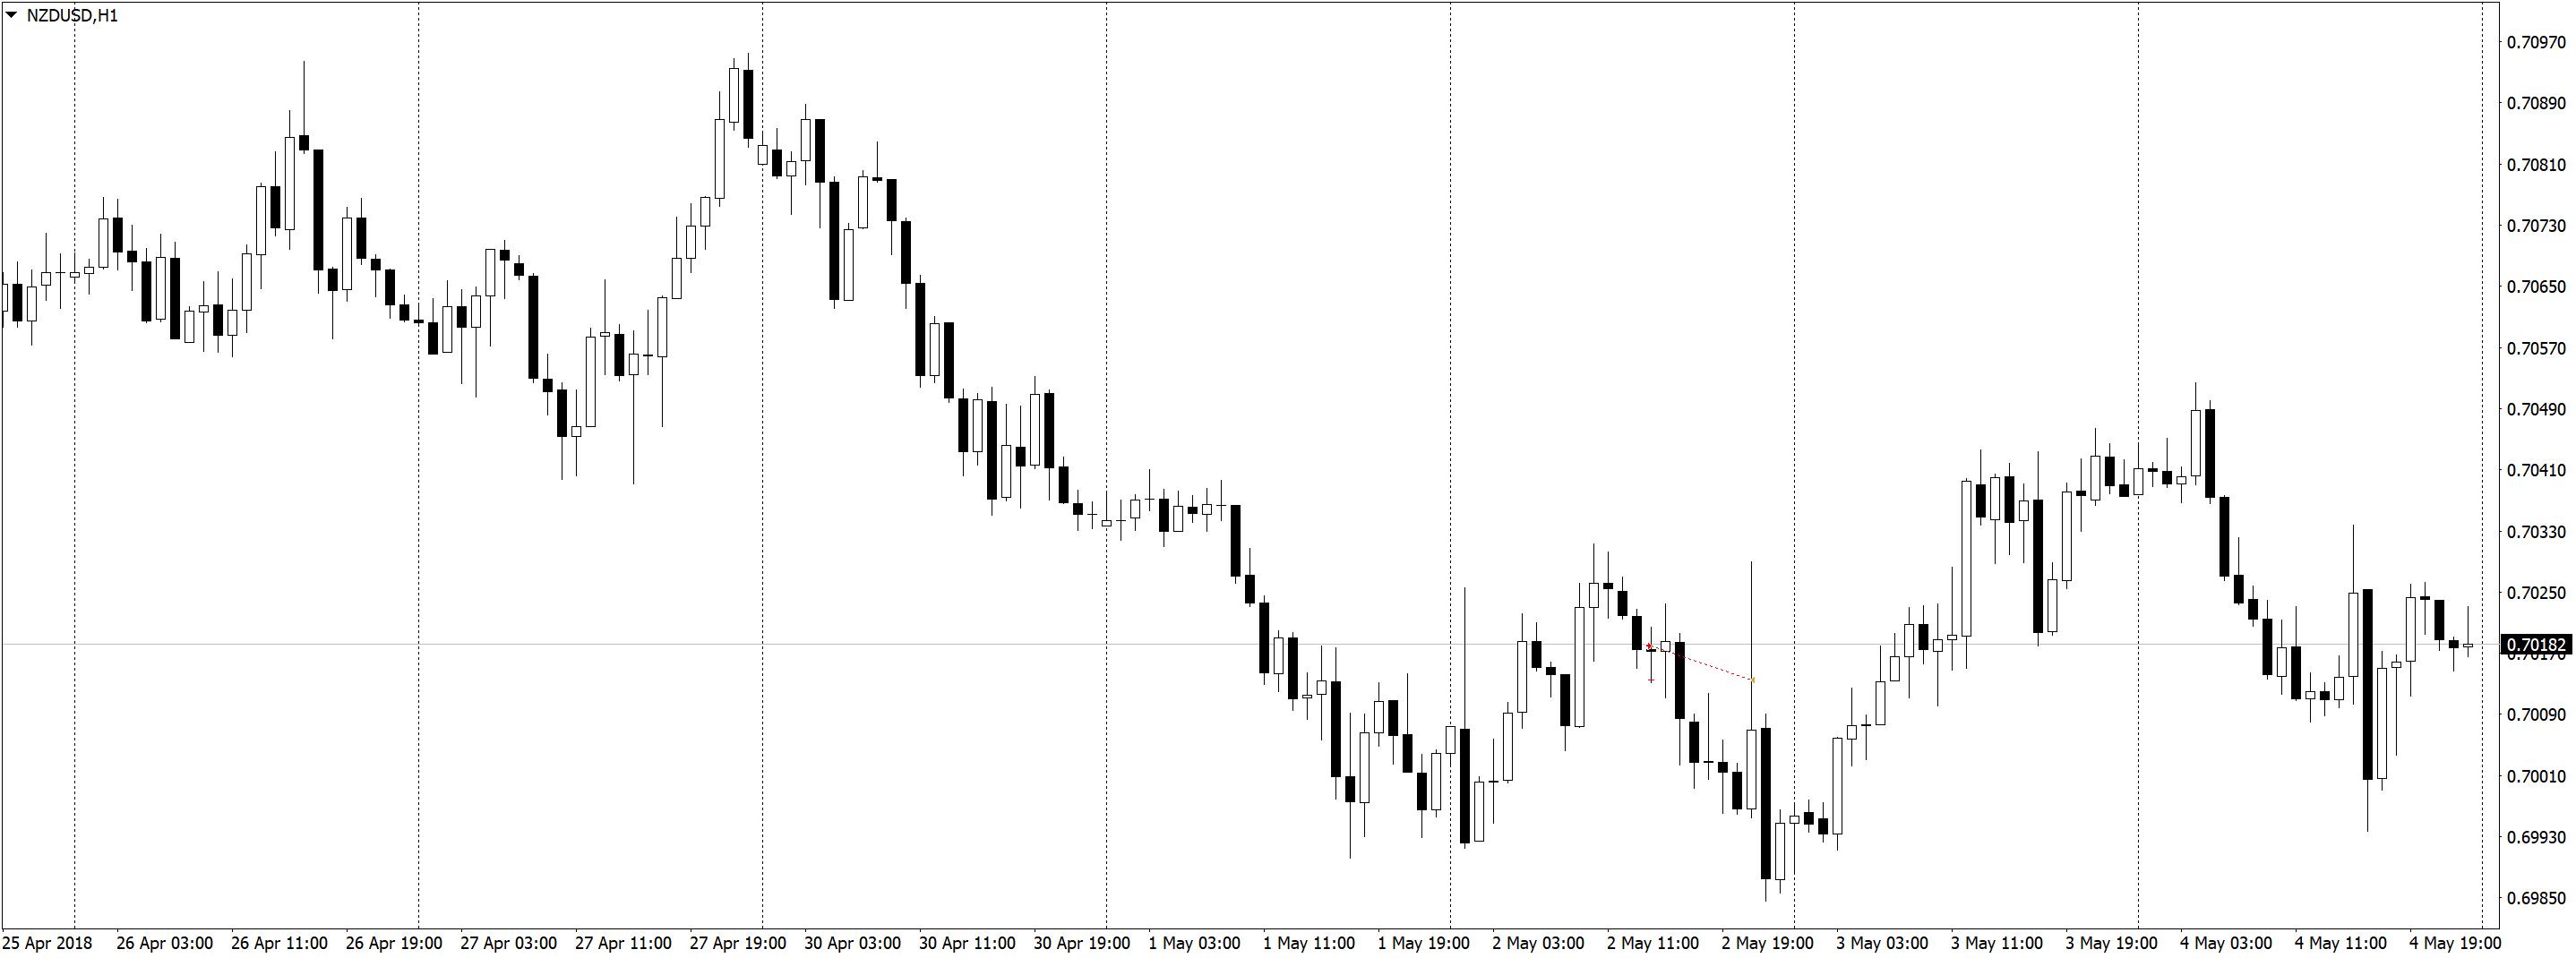 NZDUSDH1 2 Результаты в трейдинге на форекс, разделение депозита, скальпинг